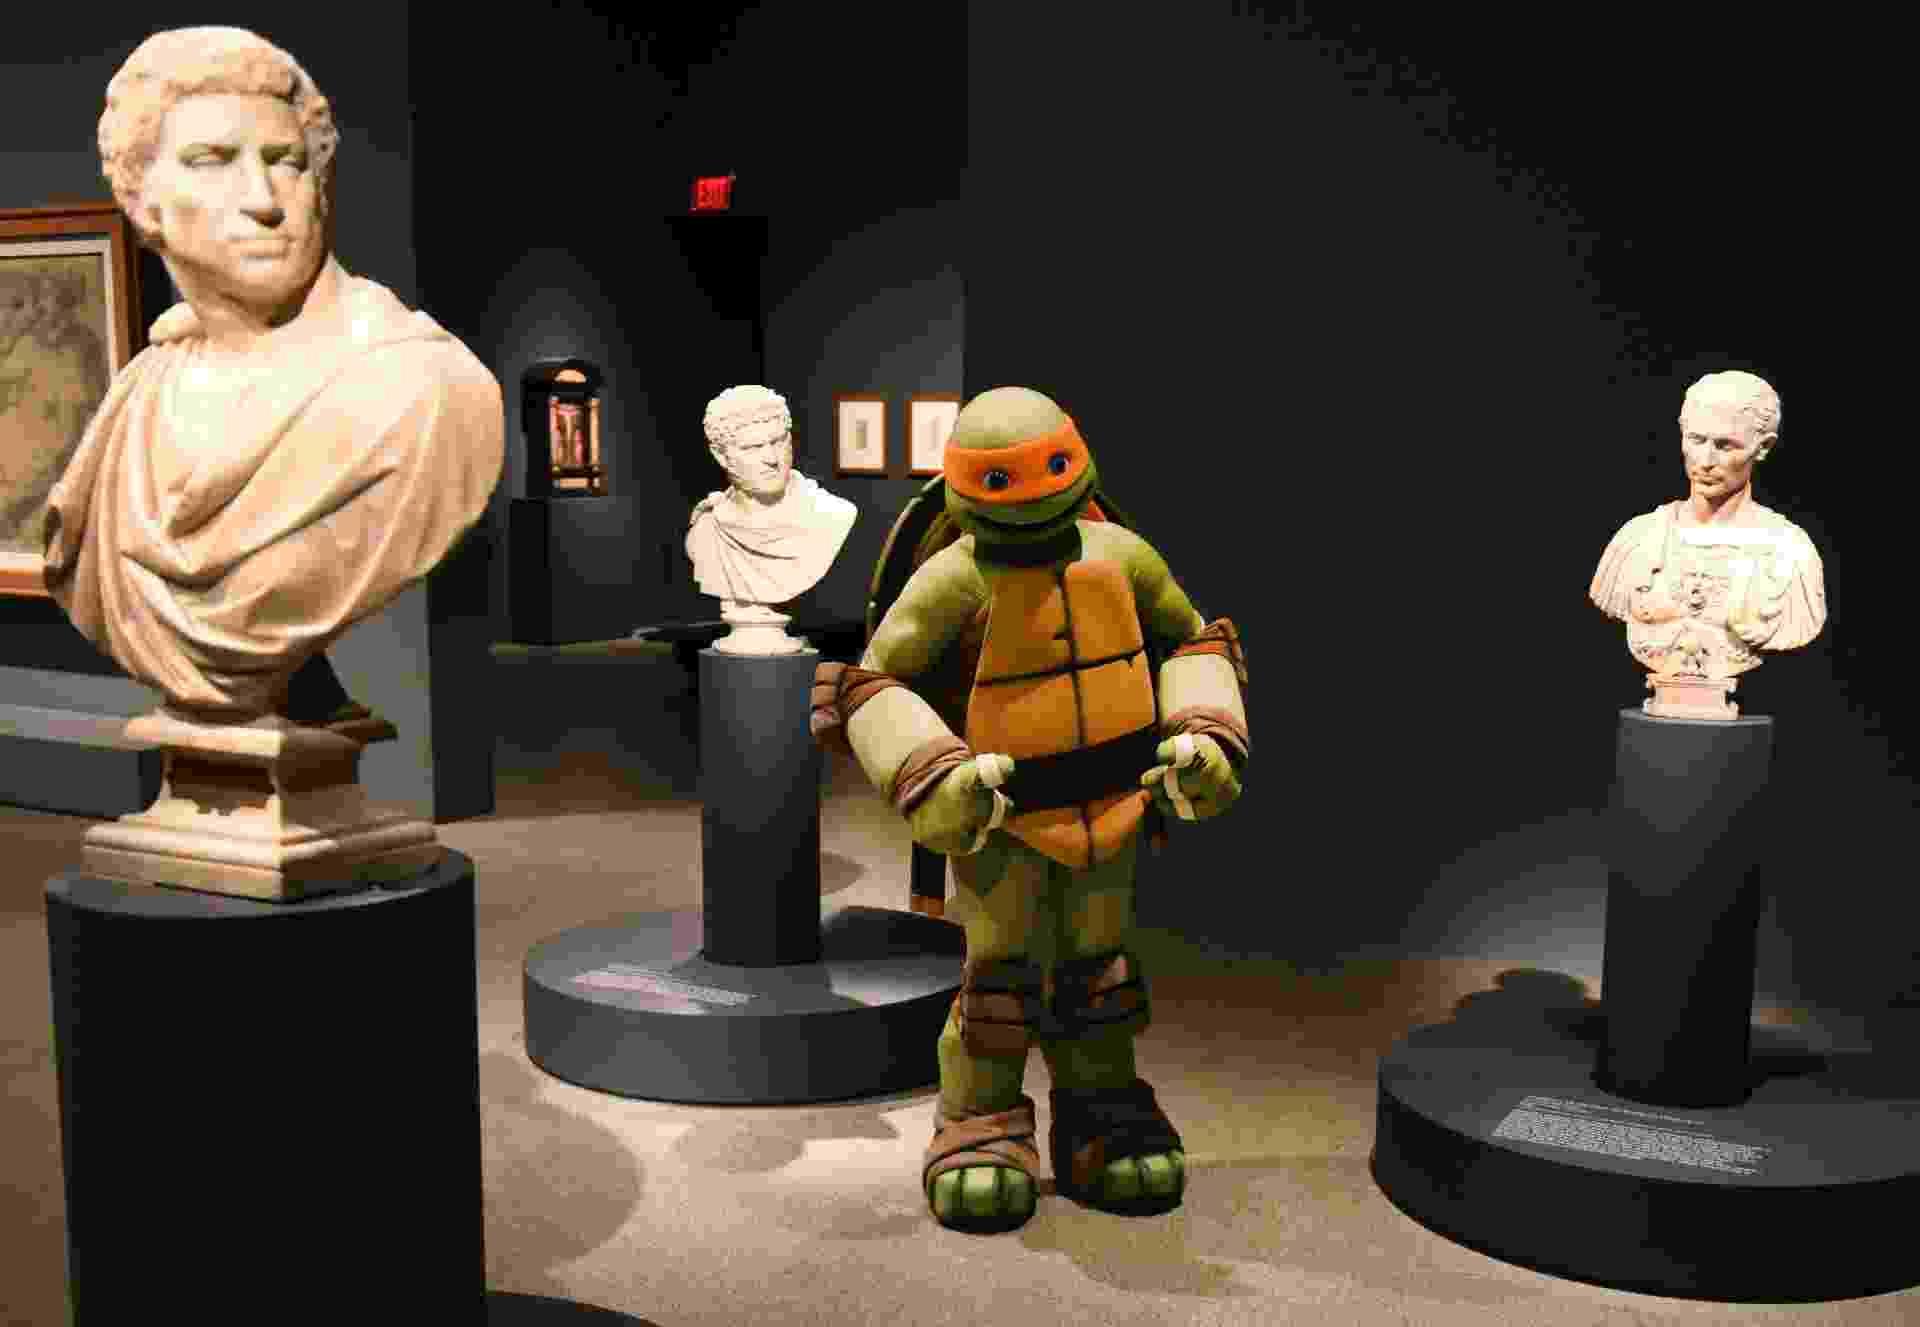 """O personagem Michelangelo, das Tartarugas Ninja, visitou a exposição """"Michelangelo: Divine Draftsman and Designer"""" no museu Metropolitan of Art, de Nova York - Timothy A. Clary/AFP"""